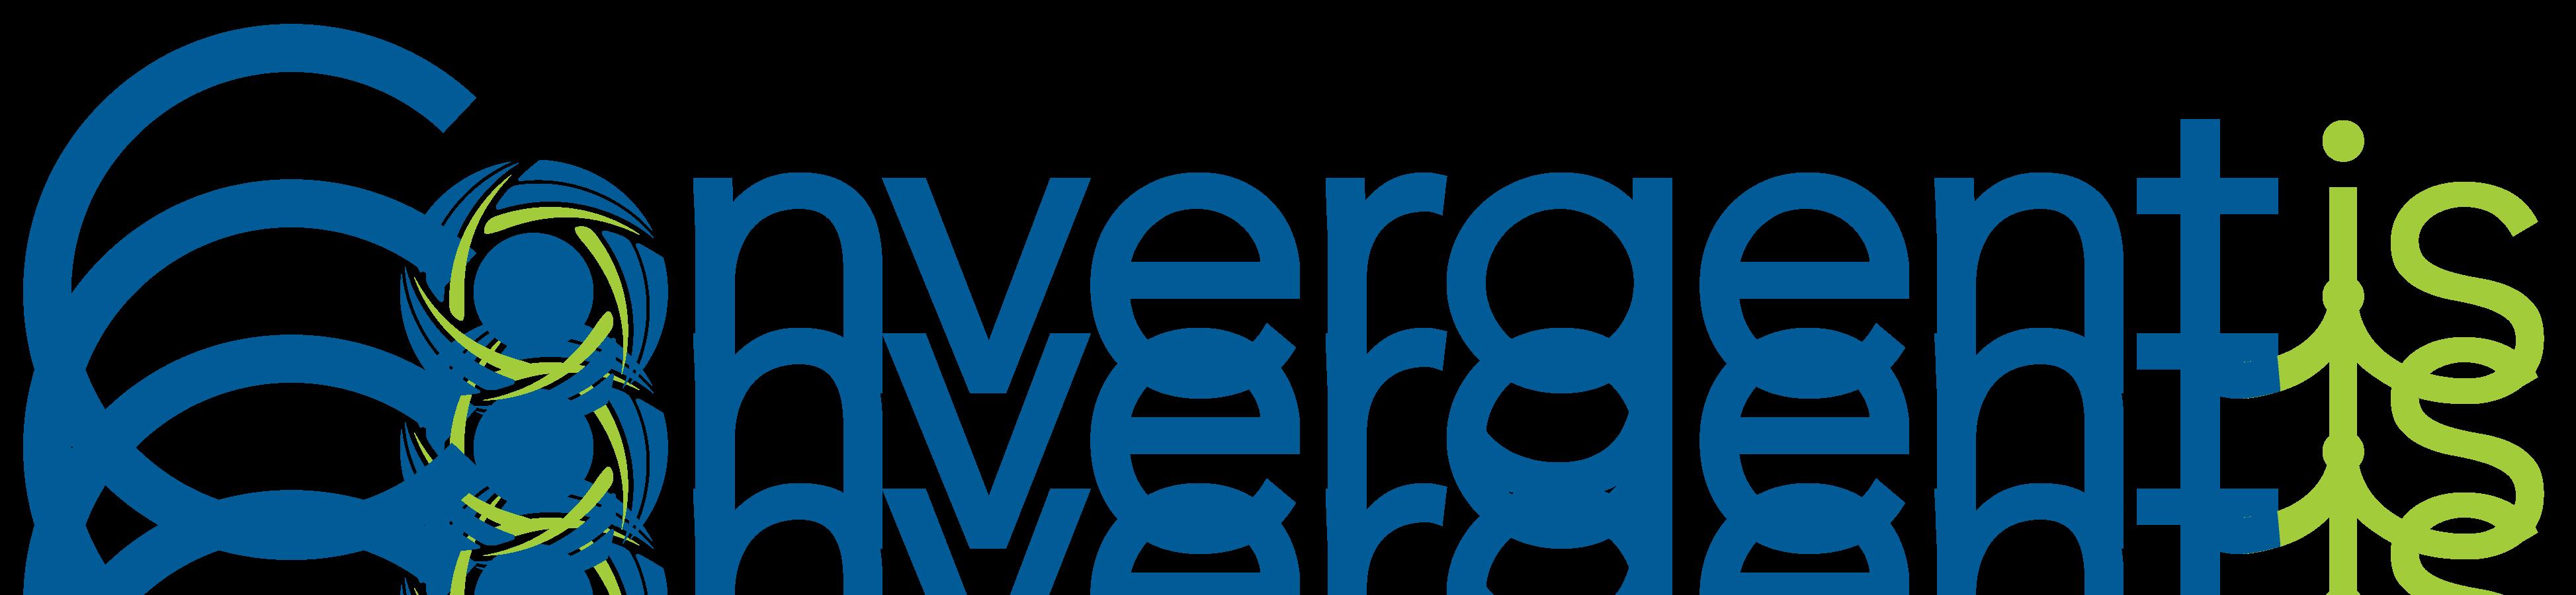 ConvergentIS Logo